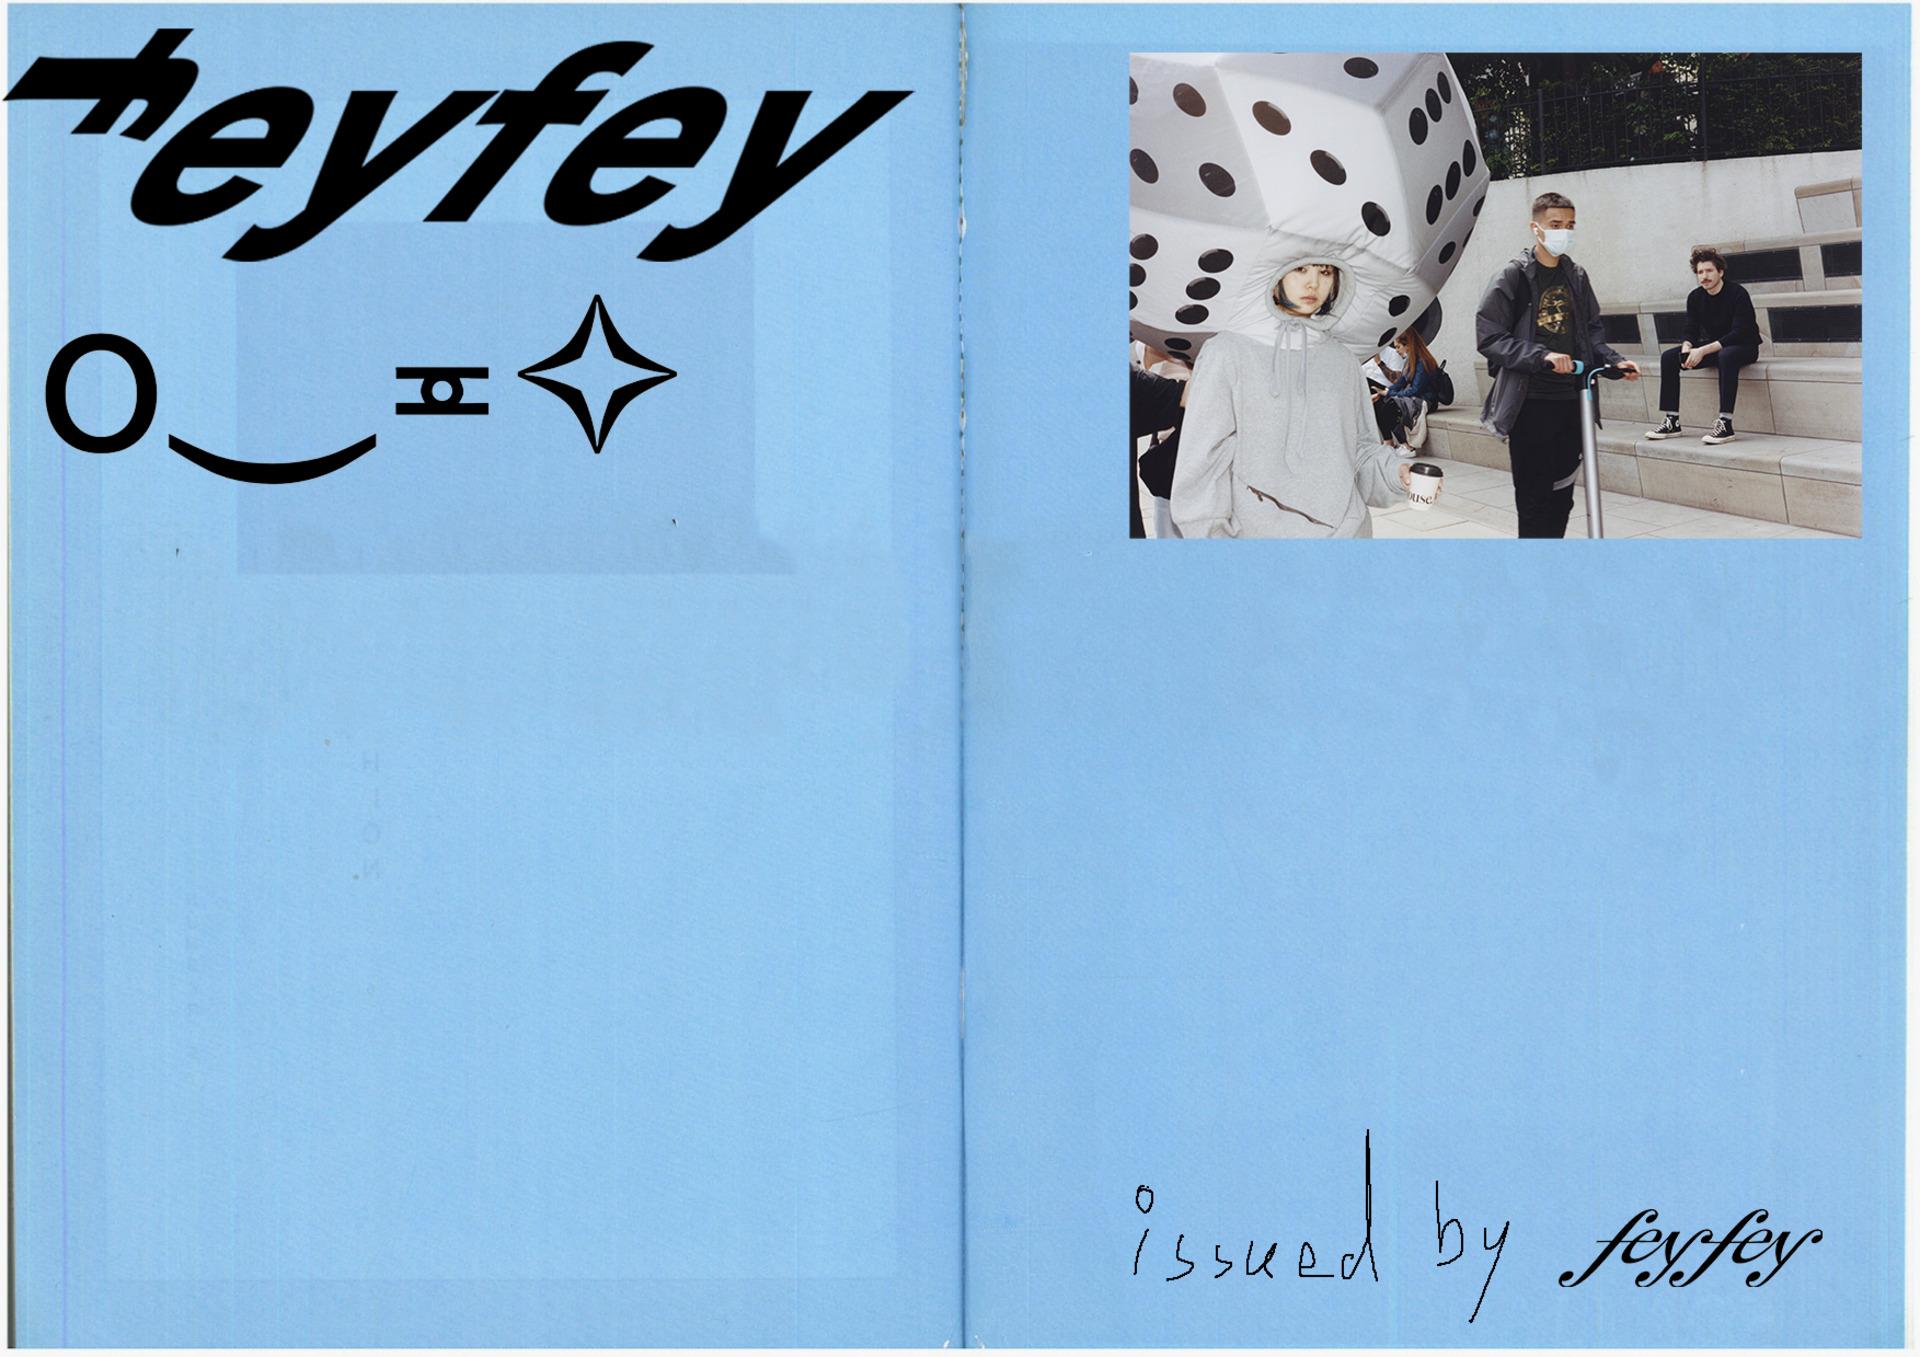 feyfey issued by feyfey